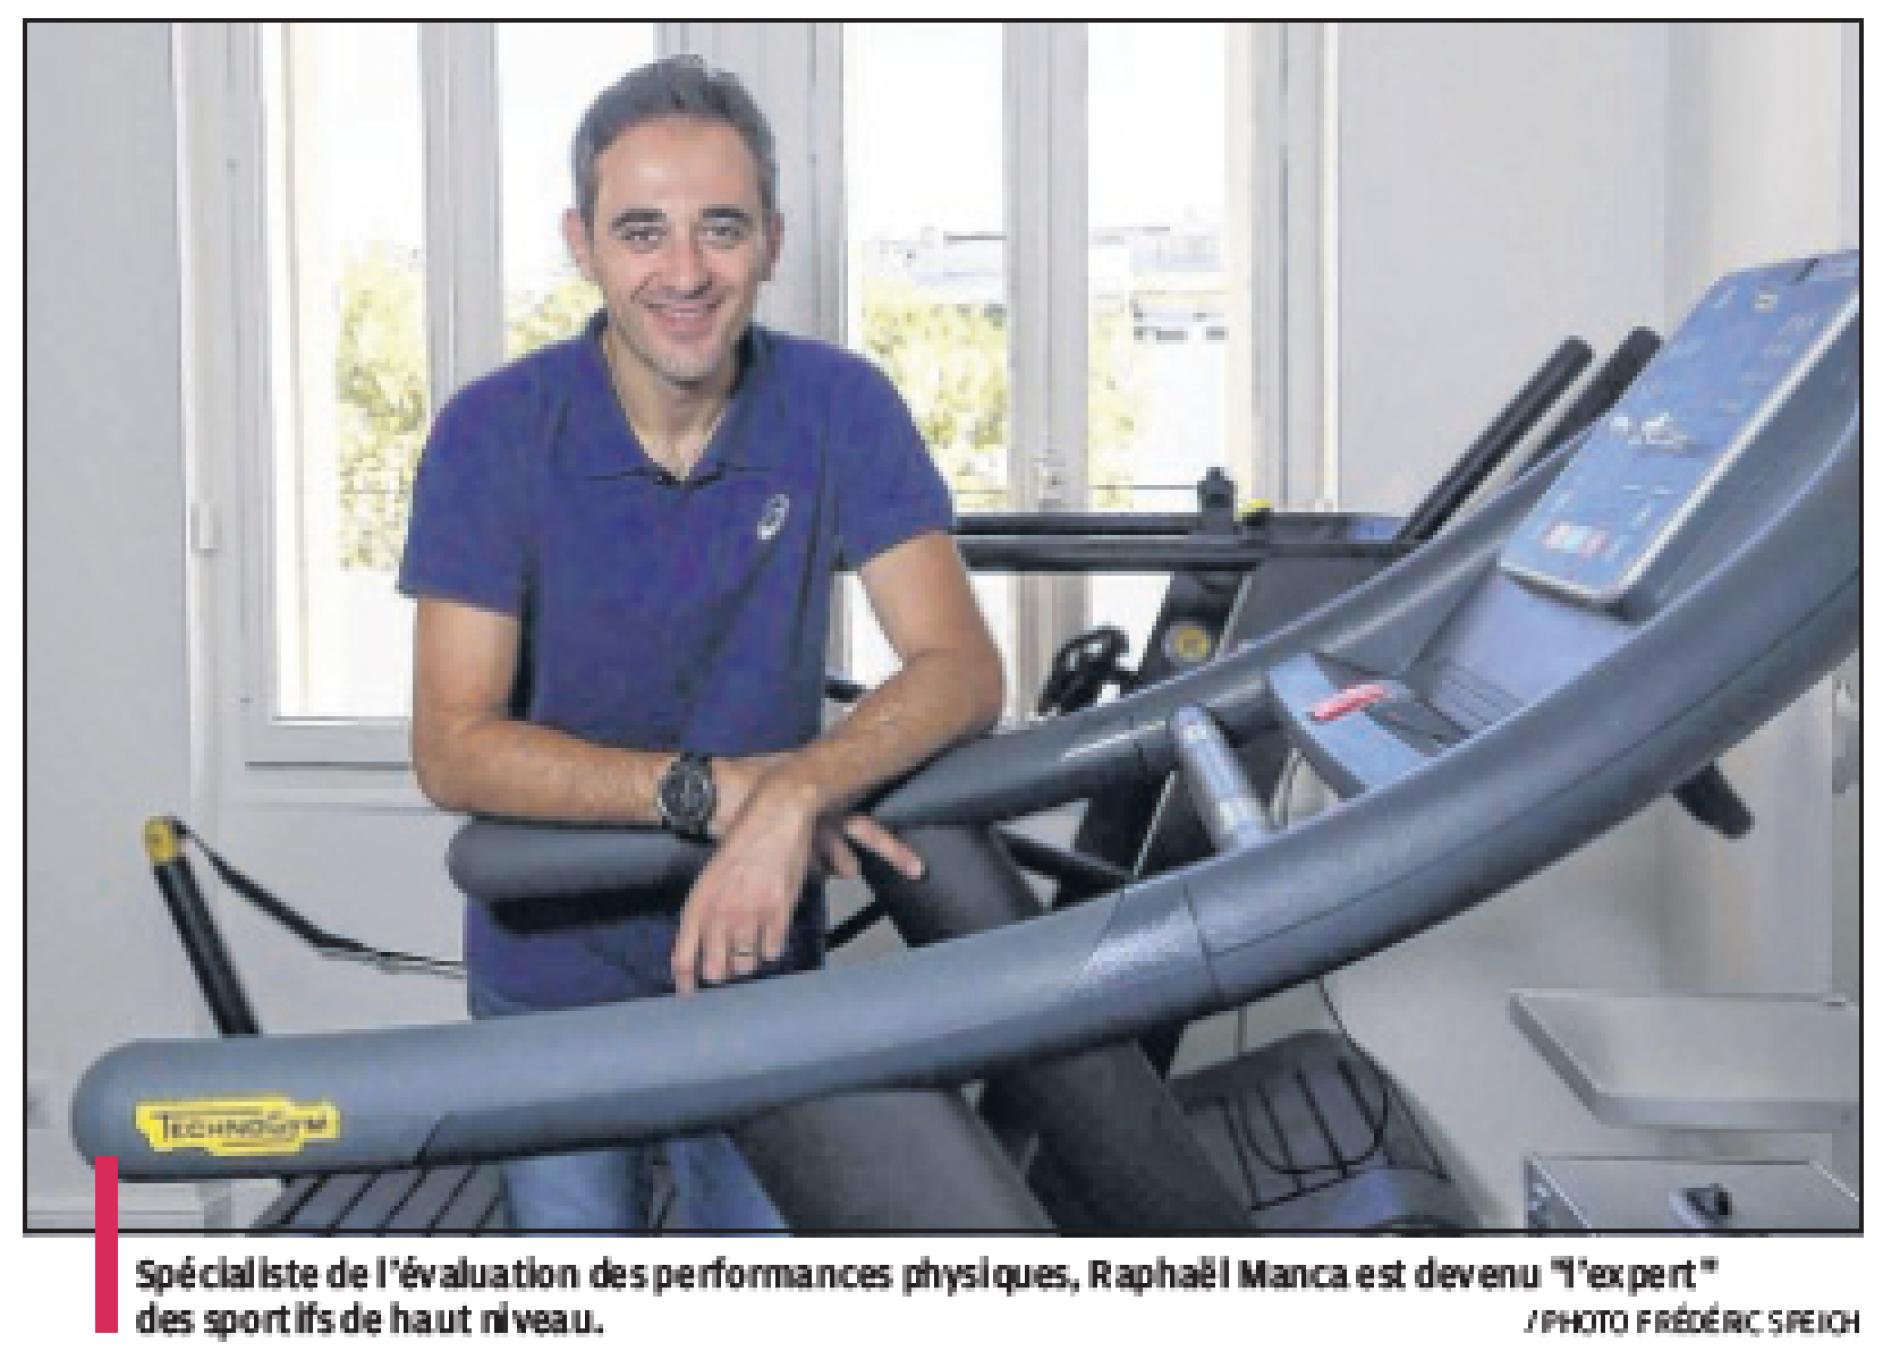 Sportifs et patients un centre pour améliorer les performances